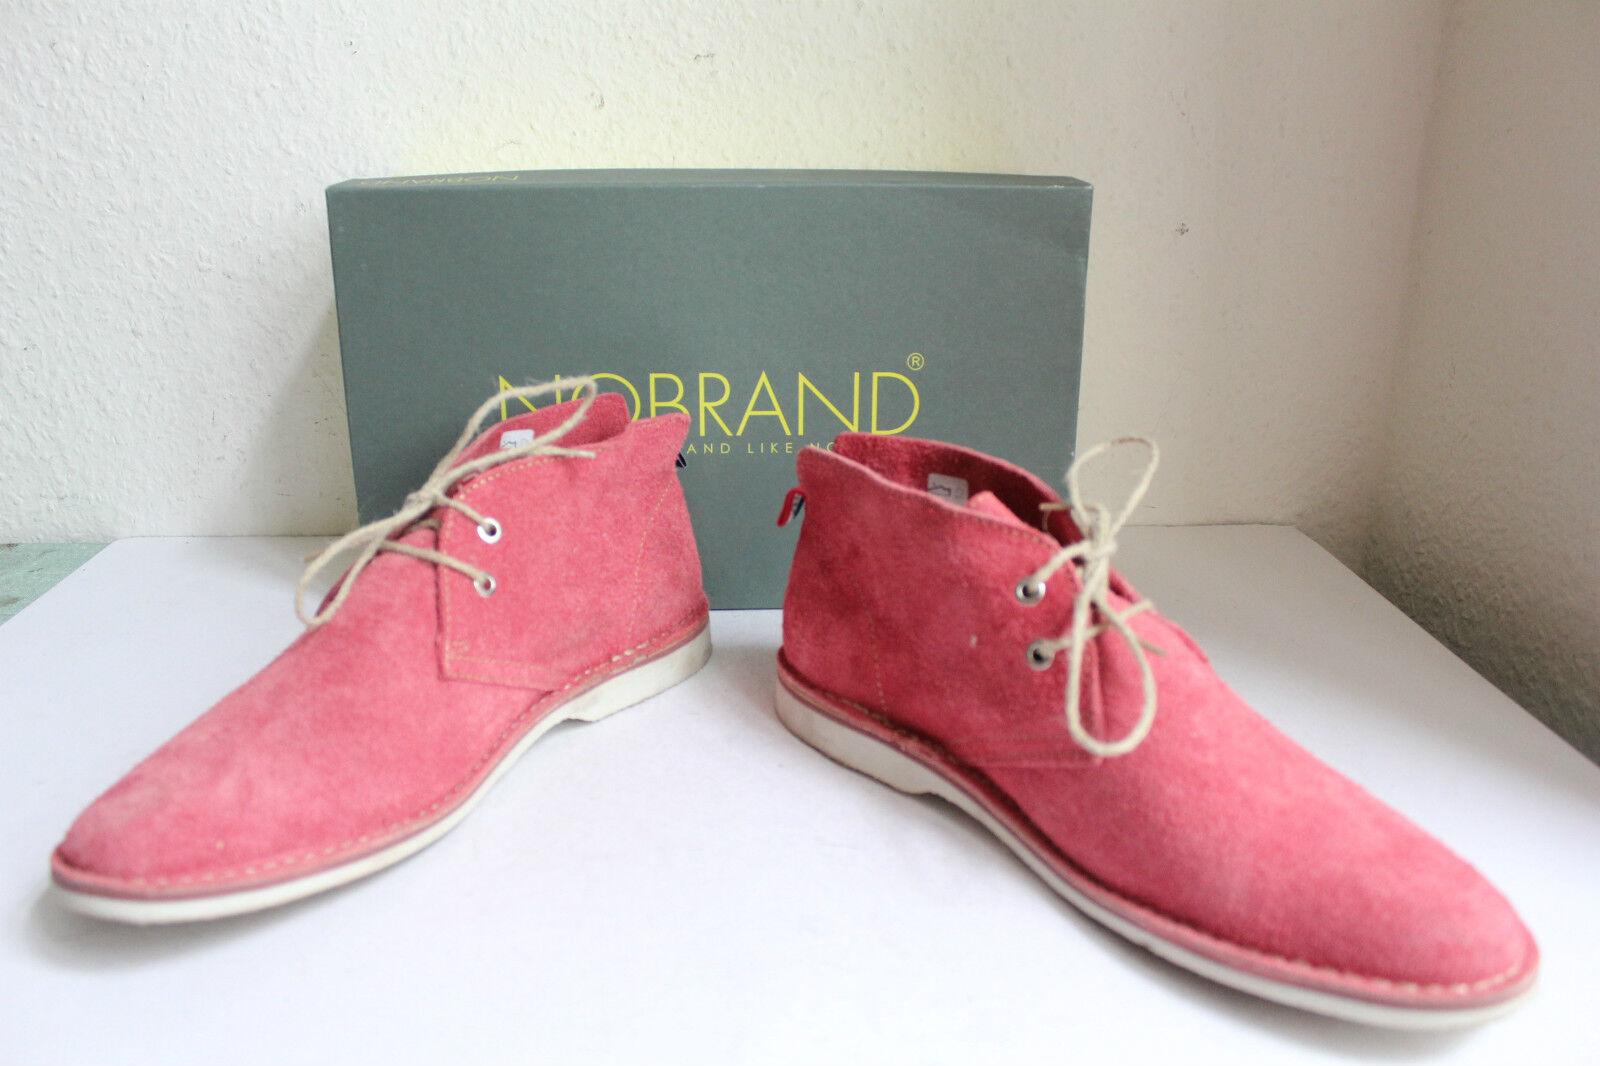 NOBRAND elegante toni trendy Stivali Camoscio Rosa toni elegante eu:44 come nuovo-con scatola b578da